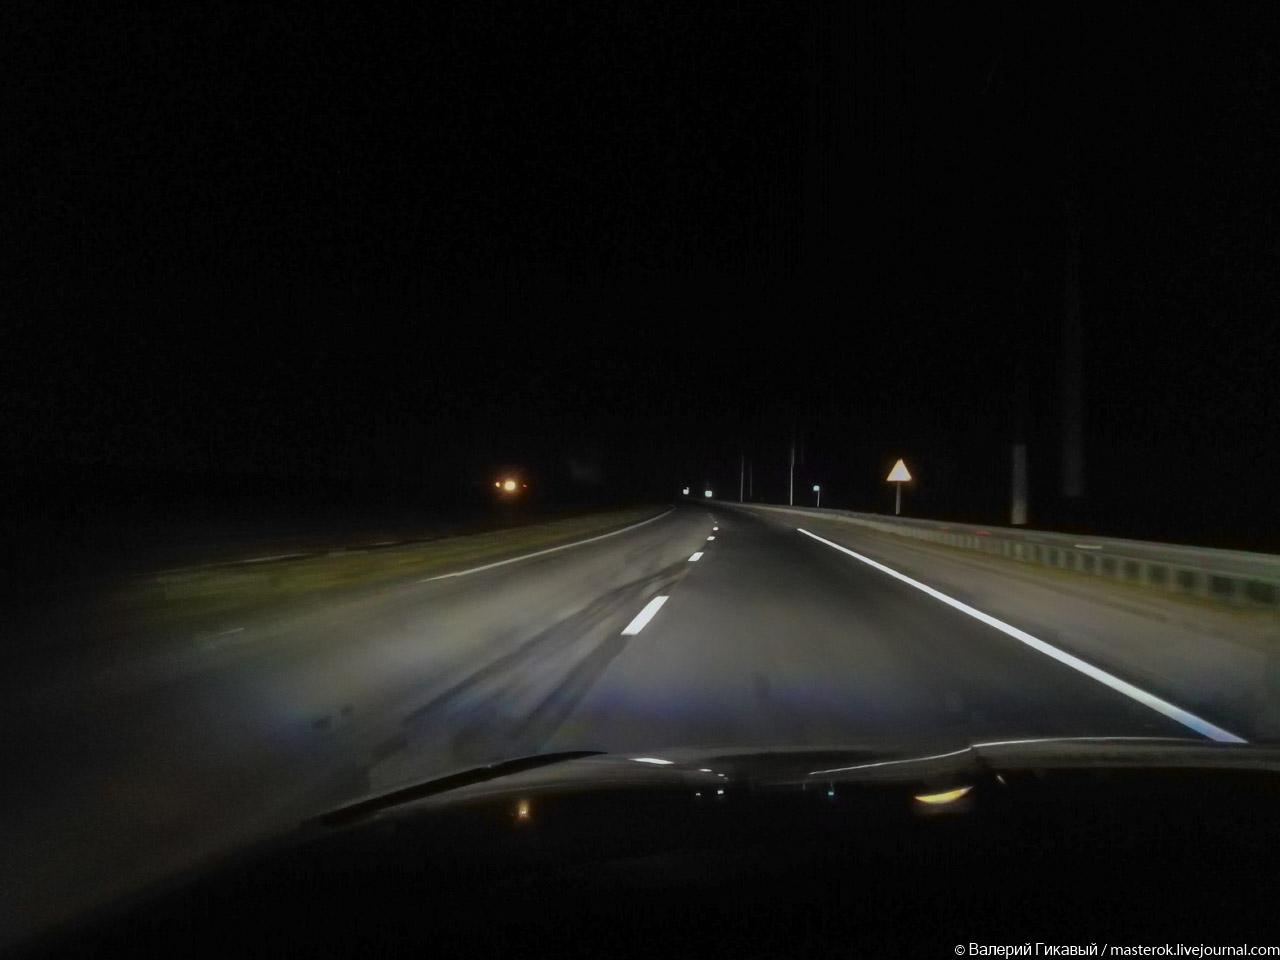 У вас тоже выключают свет за городом?